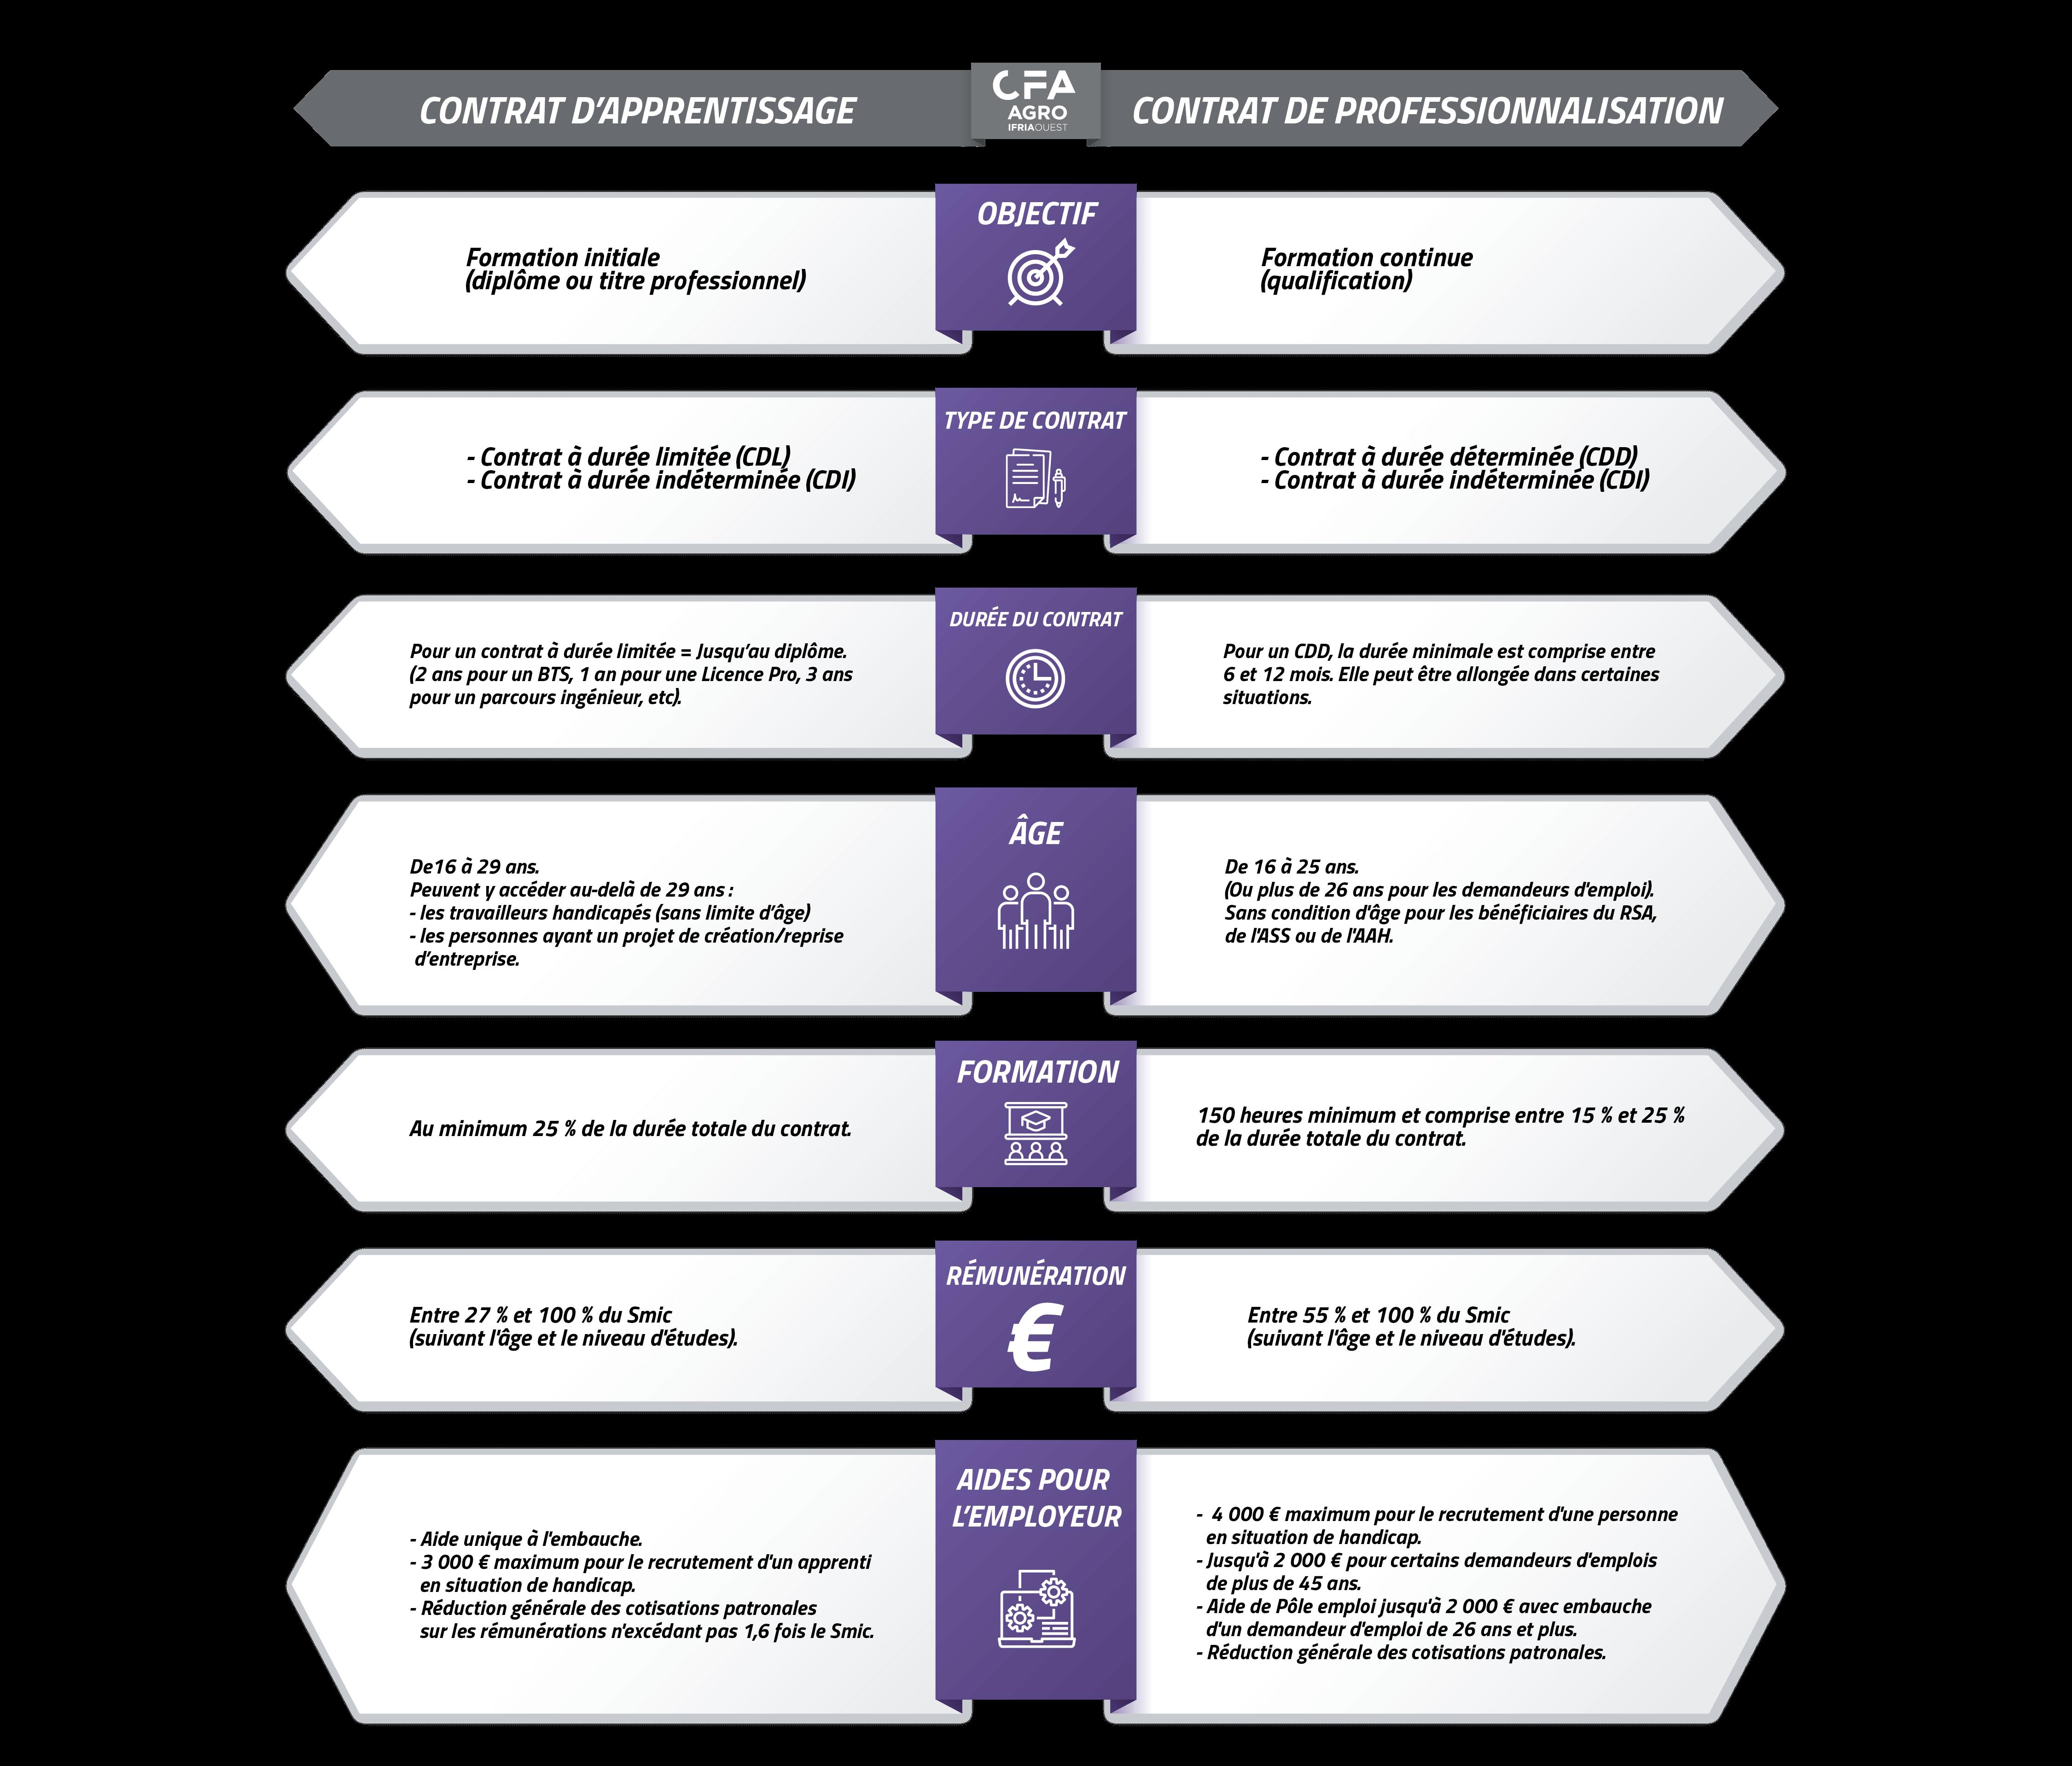 Apprentissage VS contrat pro